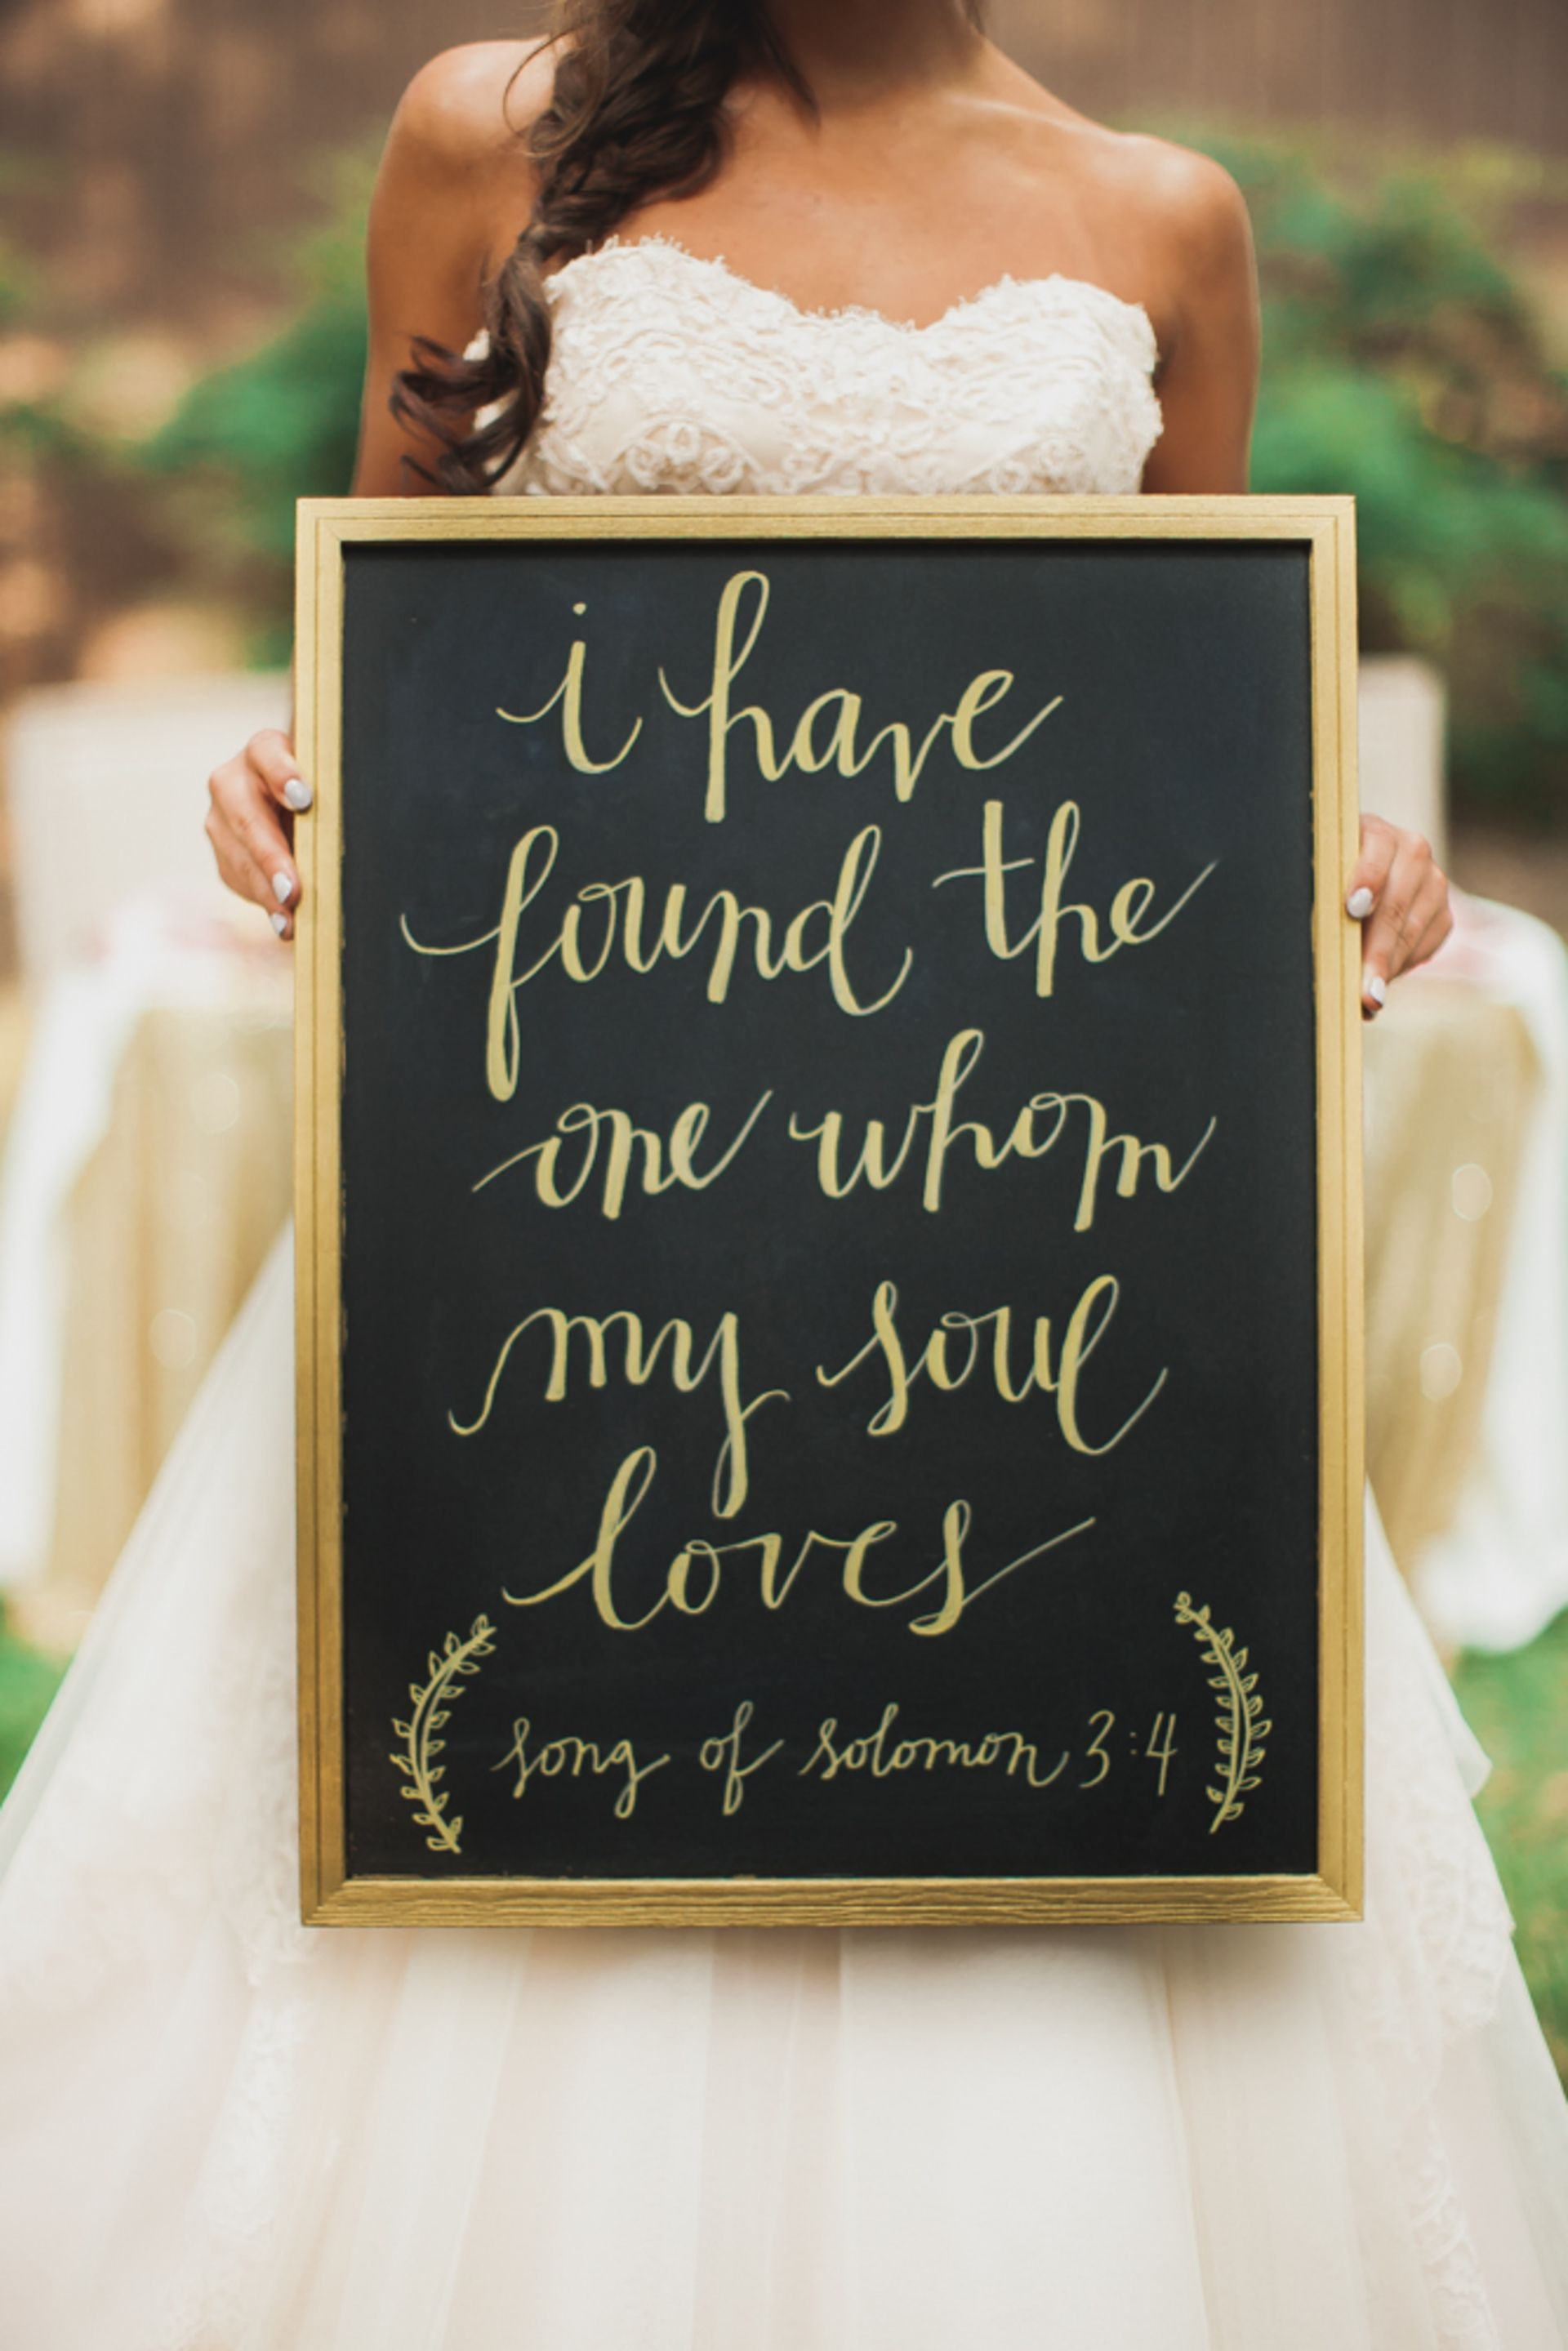 Pin on Wedding Signage